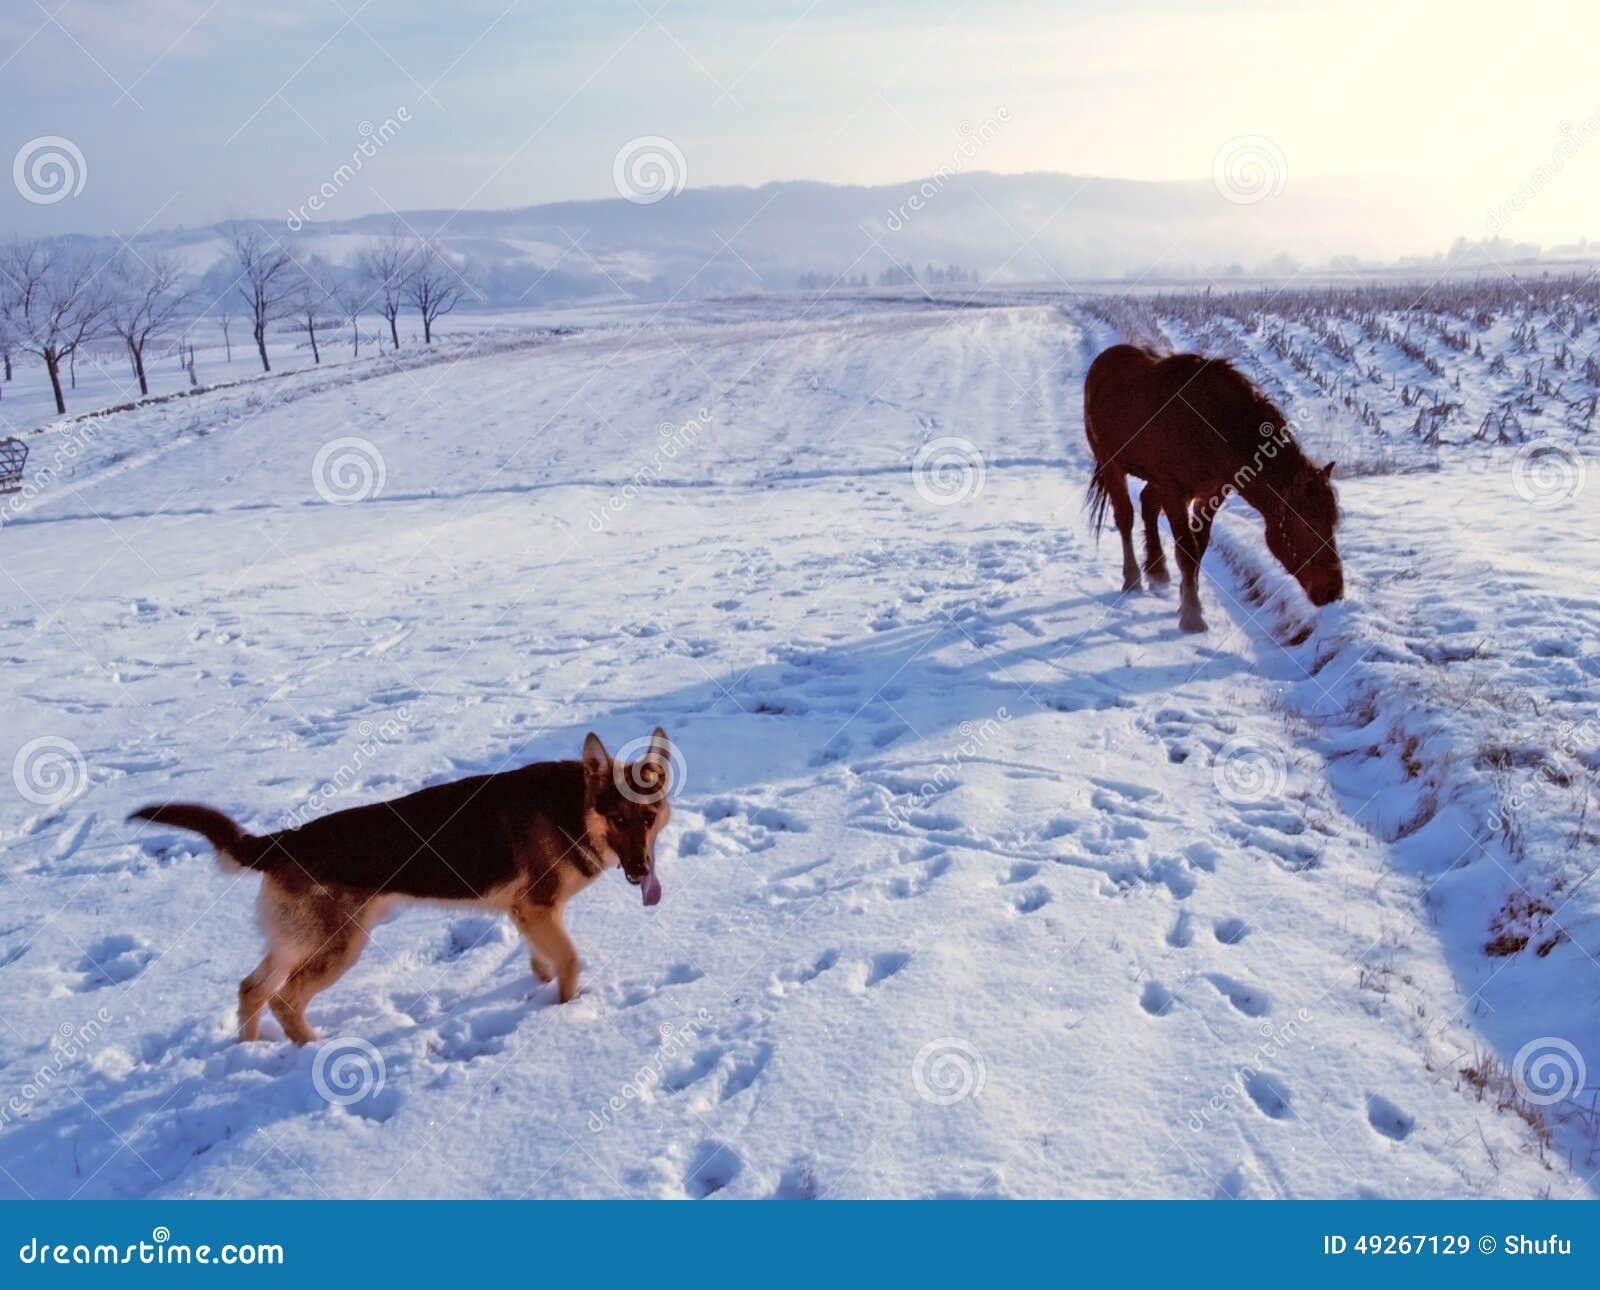 hund und pferd stockbild bild von morgen leuchte tiere